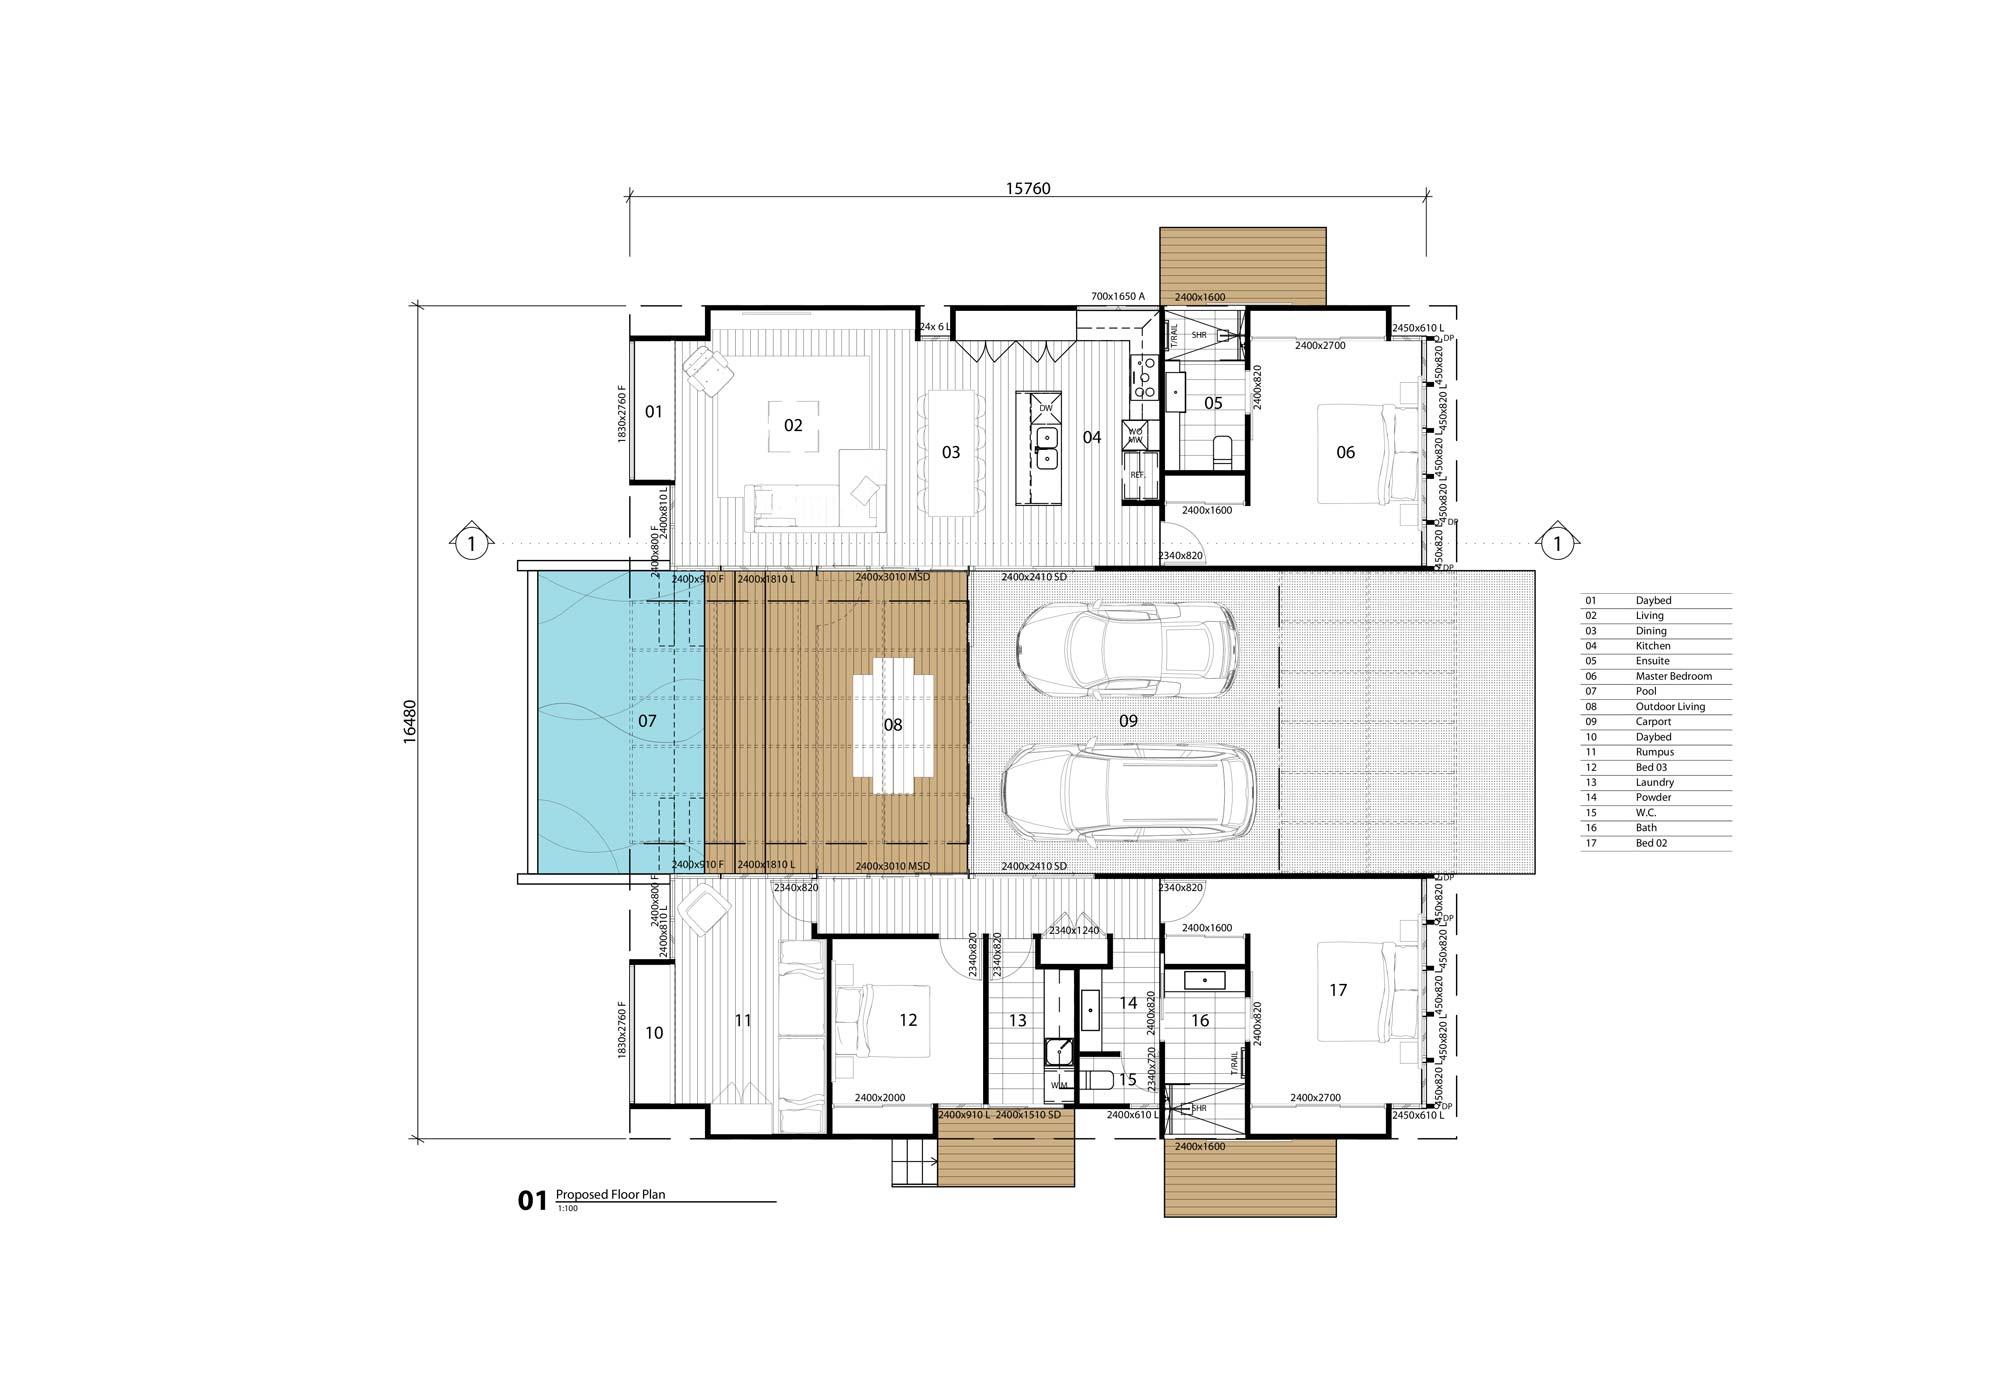 papillivon floor plan